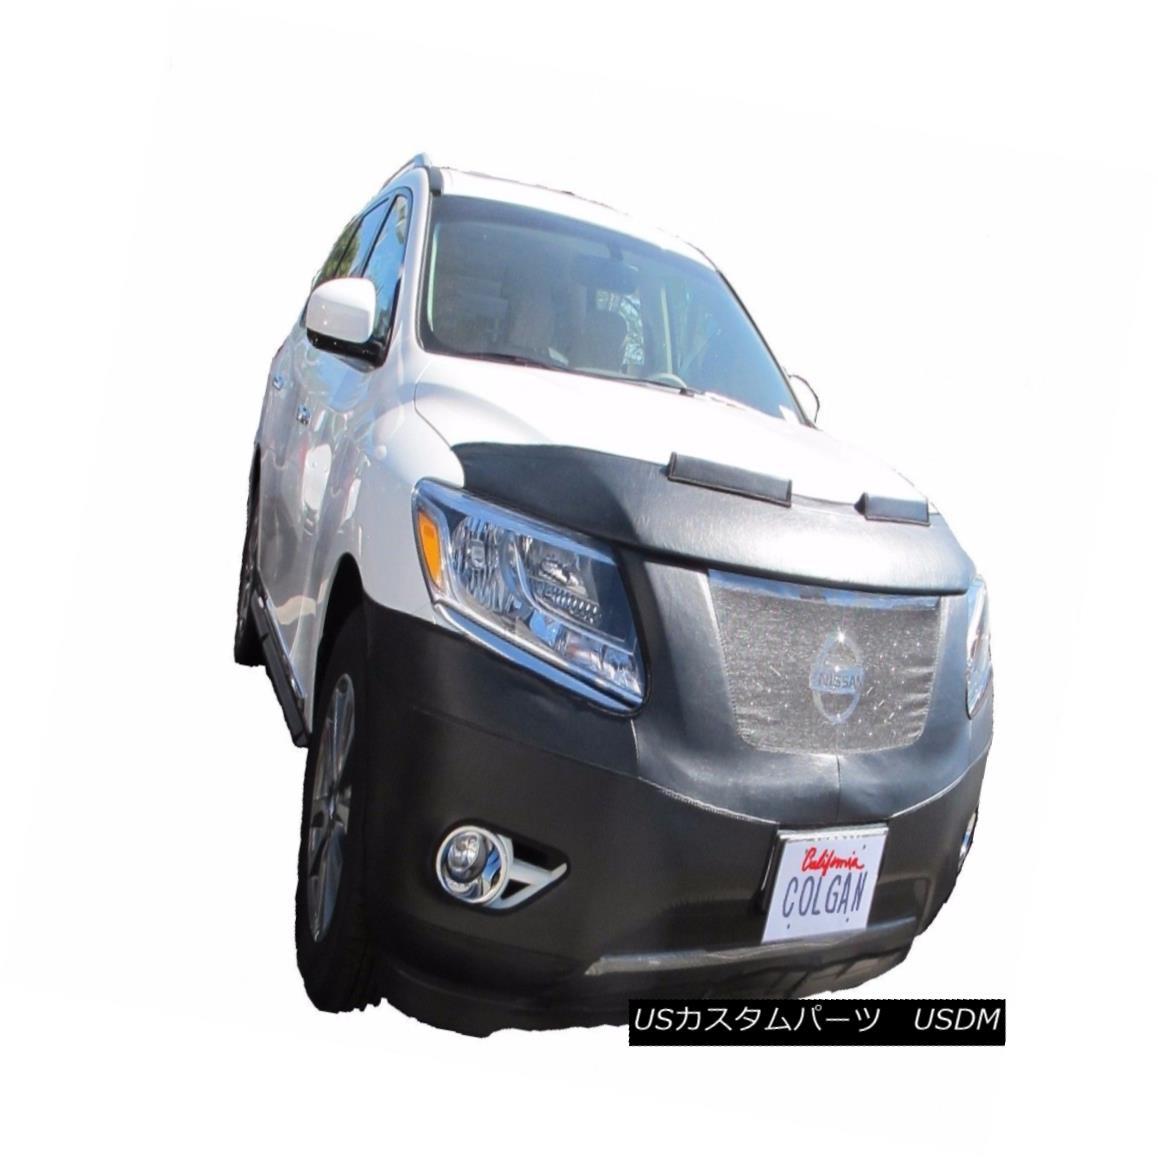 フルブラ ノーズブラ Colgan Front End Mask Bra 2pc. Fits Nissan Pathfinder S,SL,SV SUV 13-15 W/O Tag コルガンフロントエンドマスクブラ2pc 日産パスファインダーS、SL、SV SUV 13-15 W / Oタグに適合